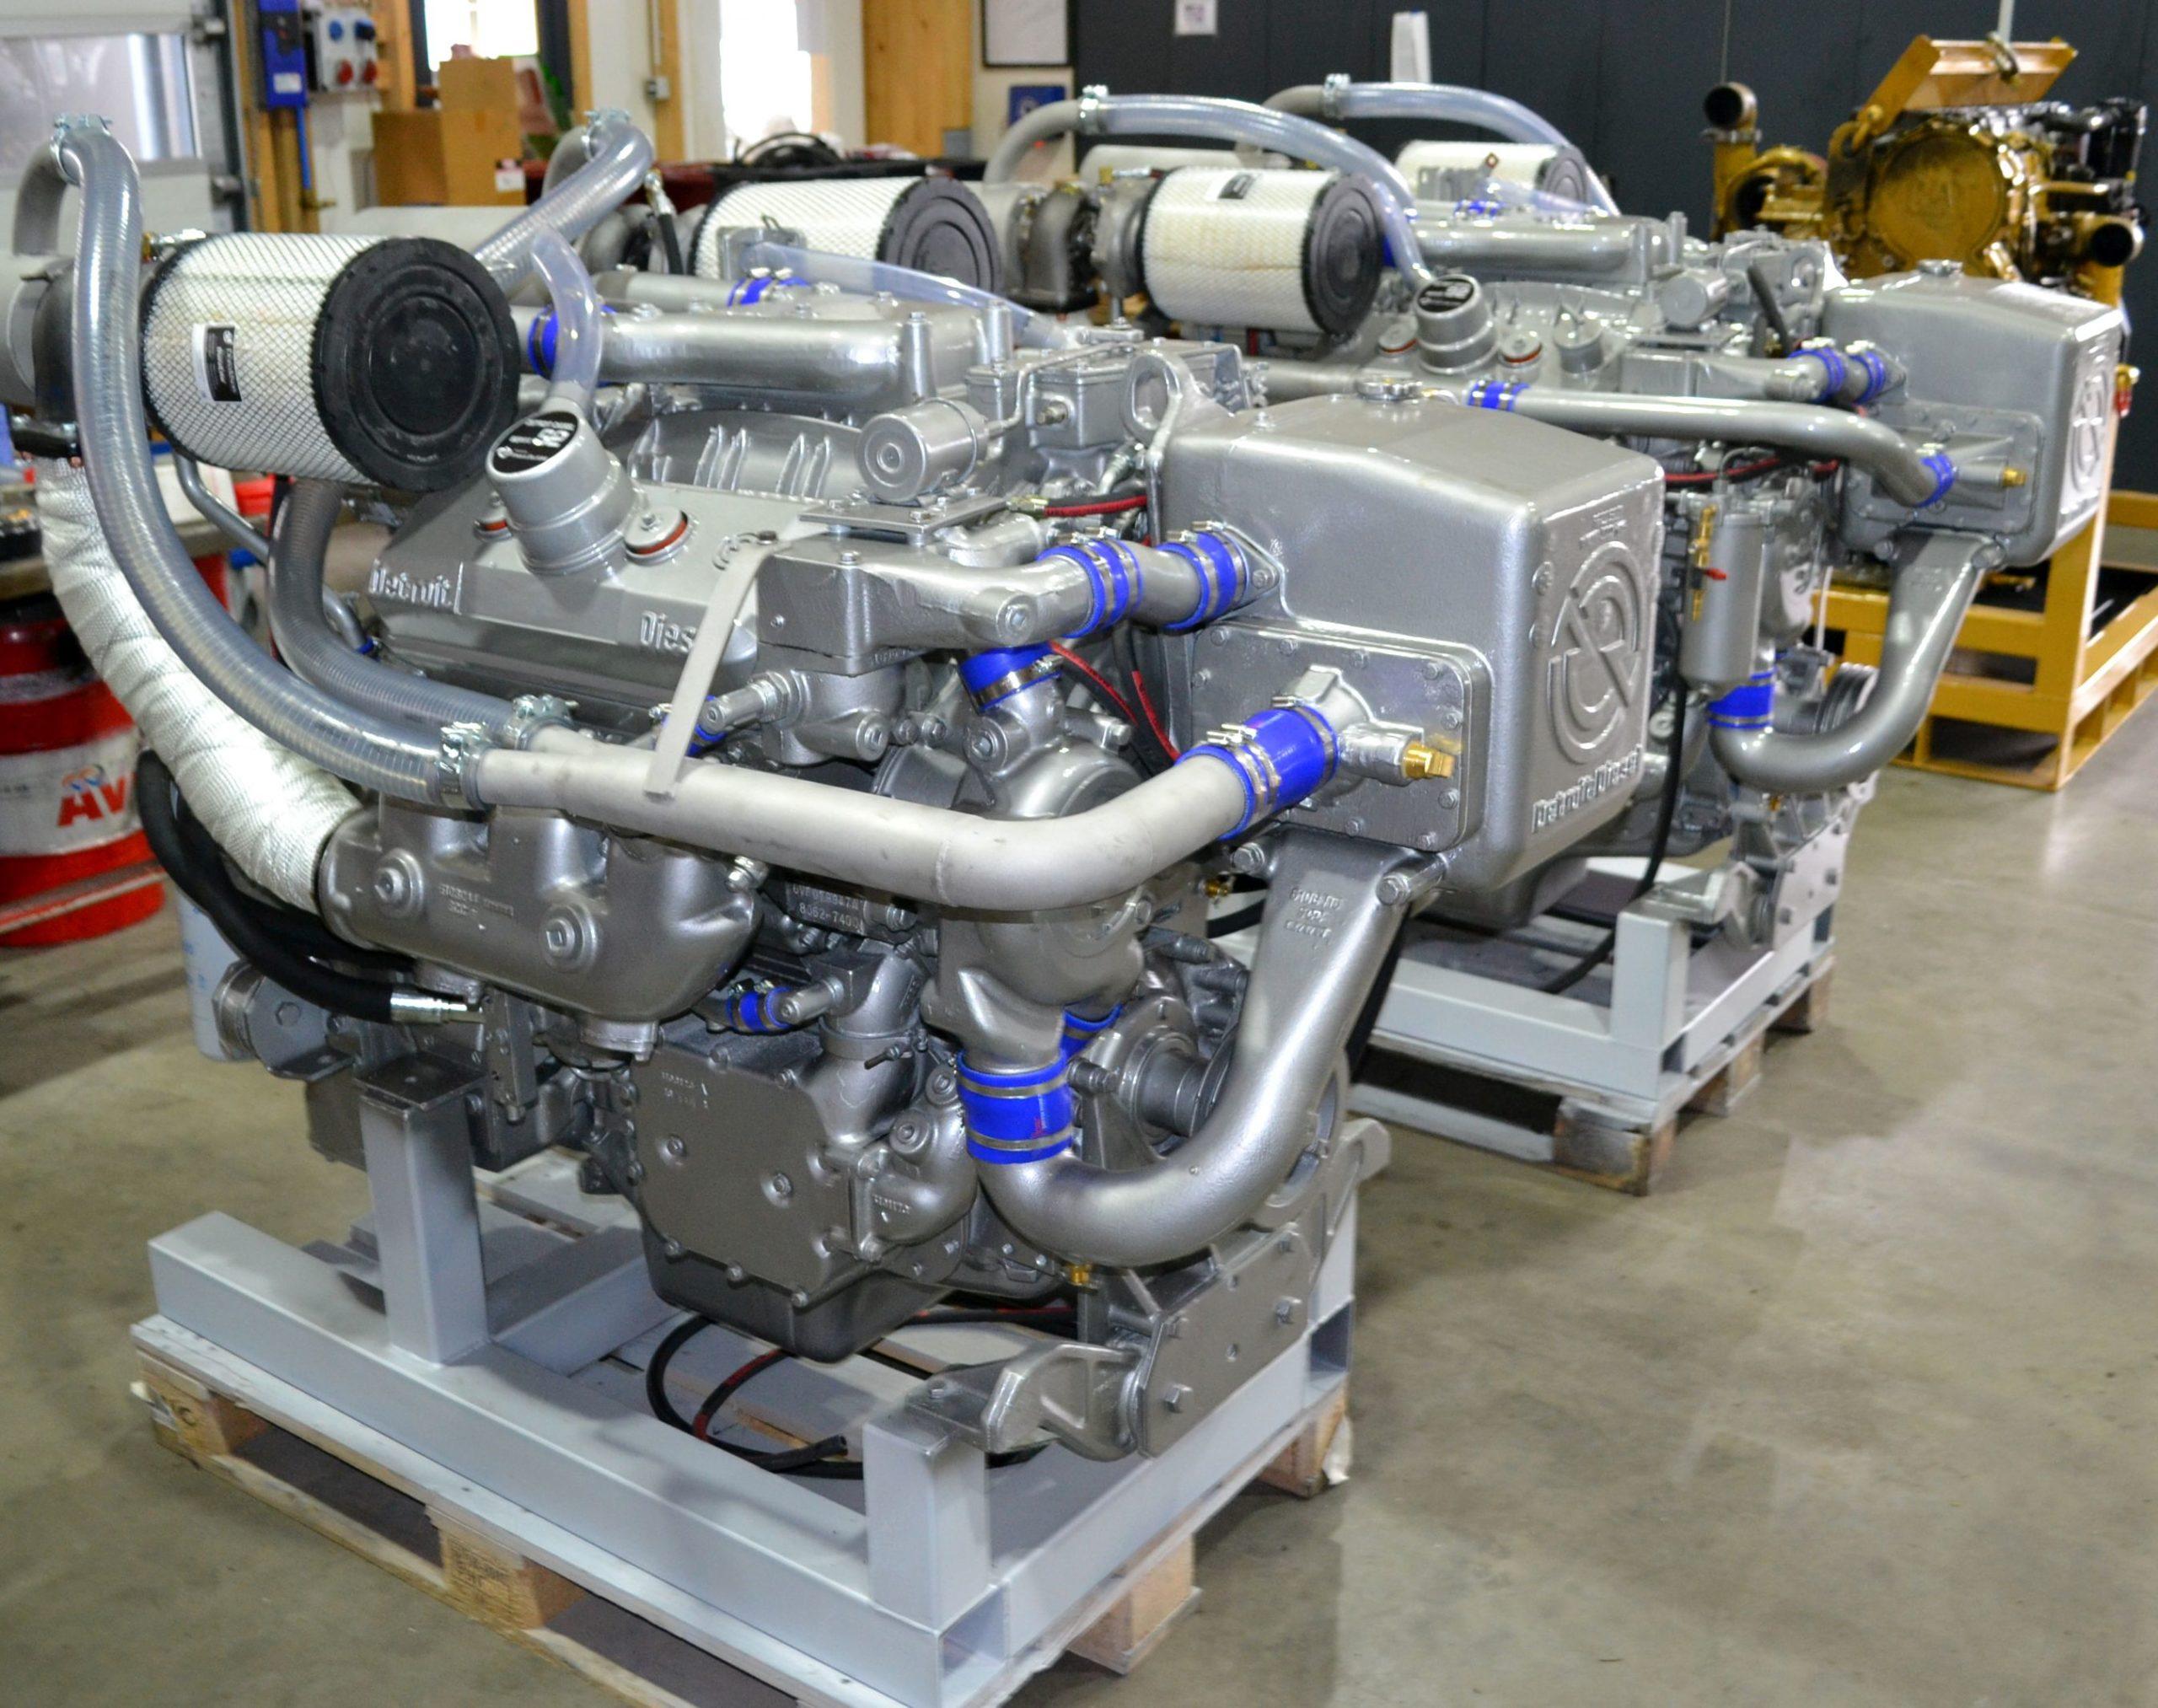 Restauration von 2 Detroit Diesel 6V92 Motoren